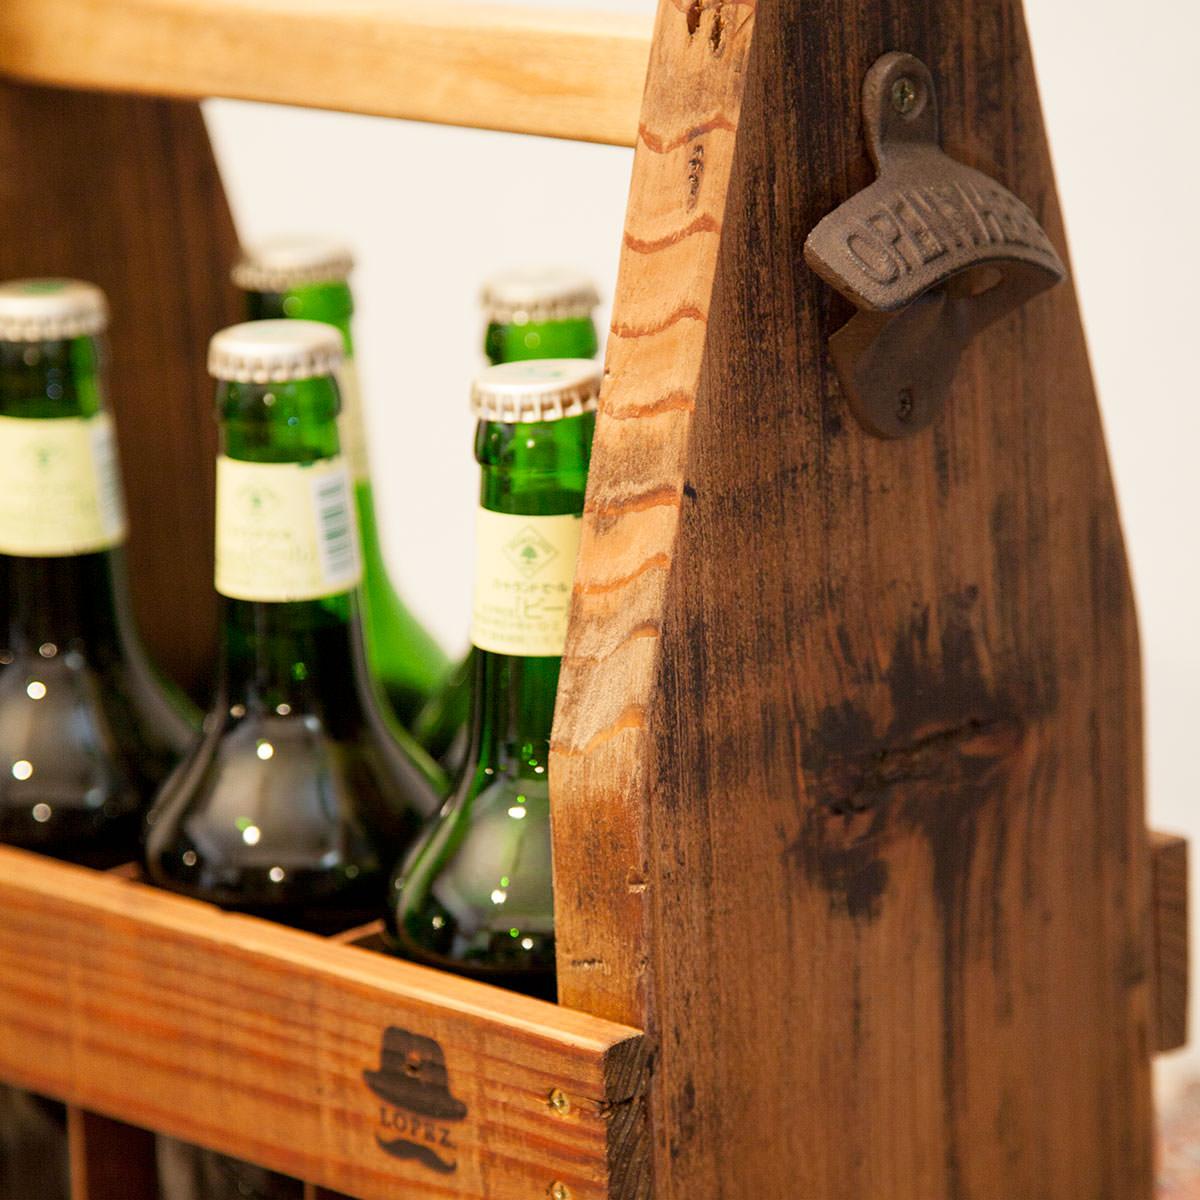 瓶ビールケース側面には栓抜き